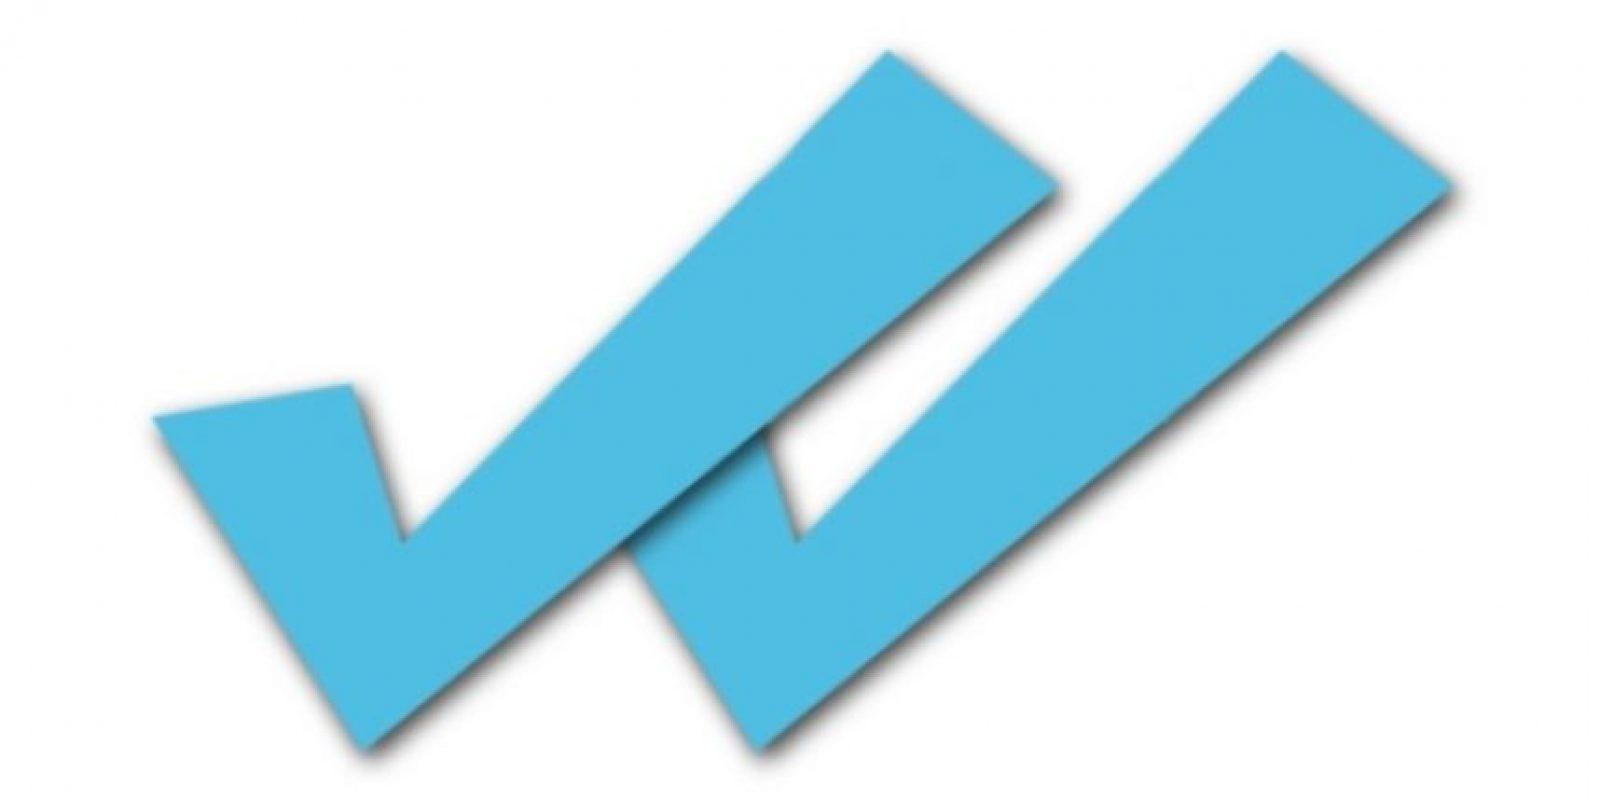 Supuestas aplicaciones prometen desactivar el doble check azul para que sus contactos no se enteren cuando leyeron sus mensajes, pero en realidad les cobran un servicio que gastaba su saldo Foto:Twitter